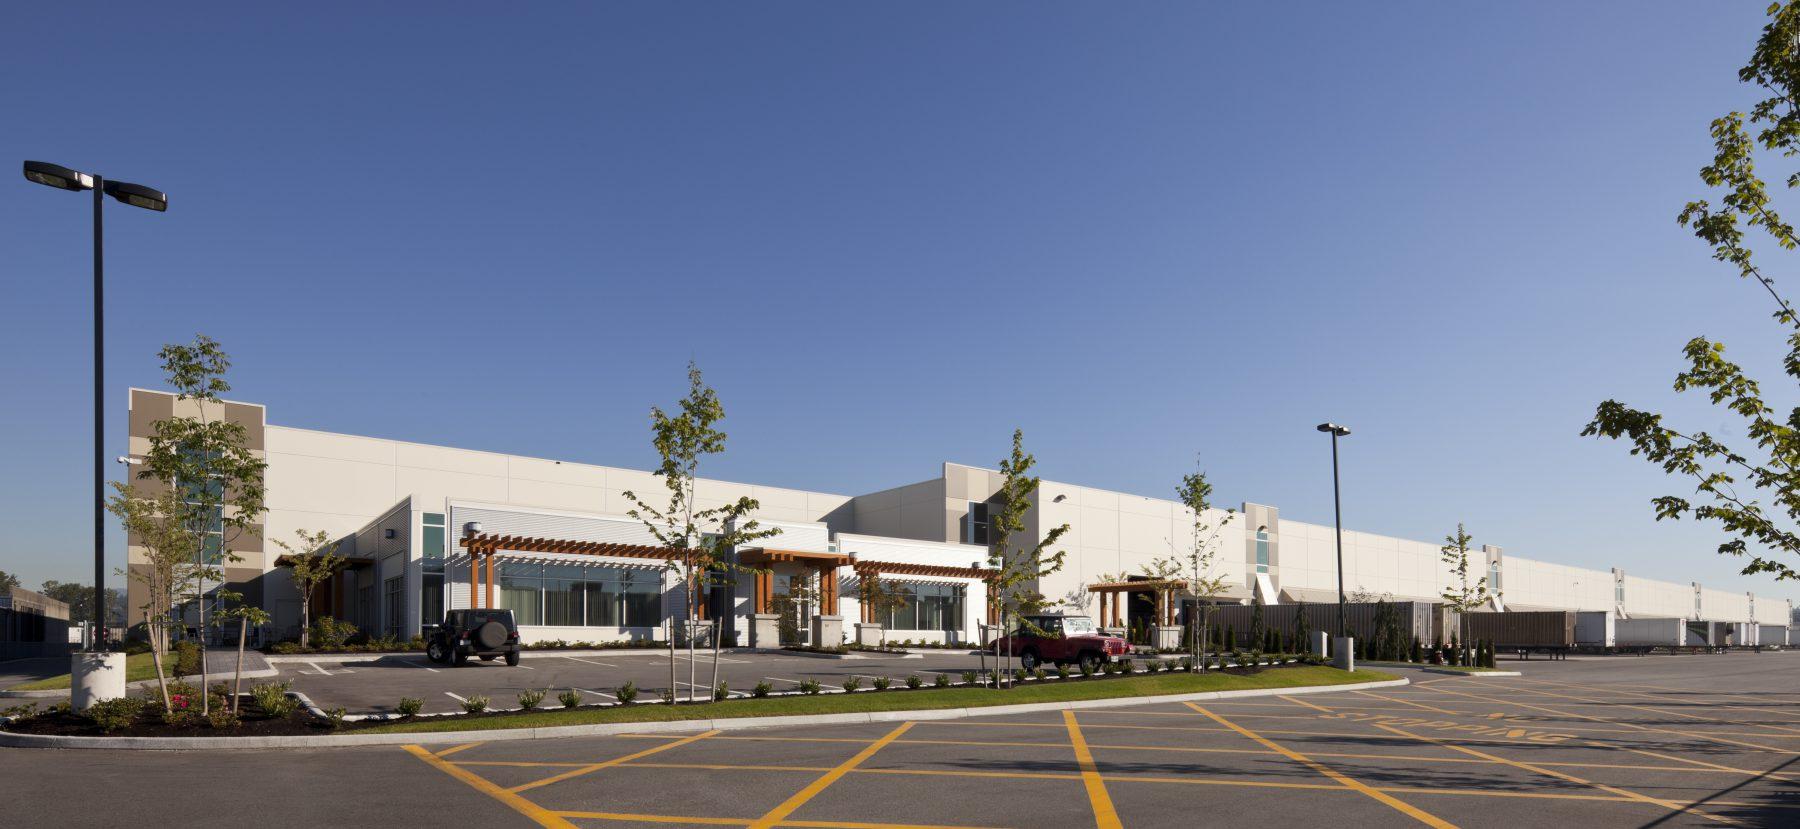 Beedie building huge industrial warehouse